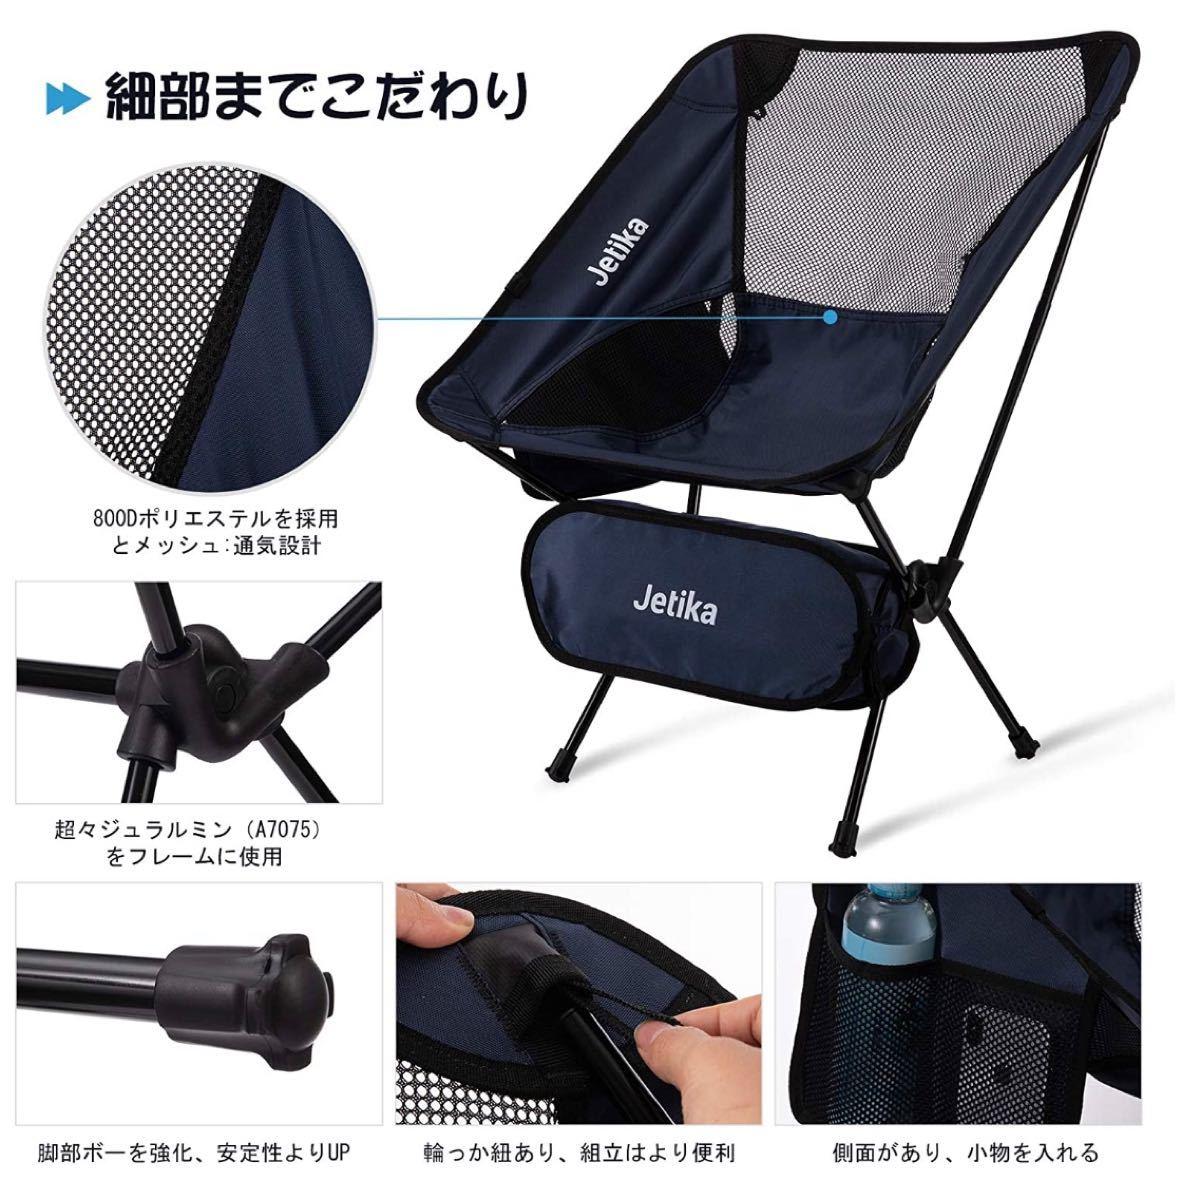 アウトドアチェア 超軽量 アルミ合金 コンパクト 折りたたみ キャンプ椅子